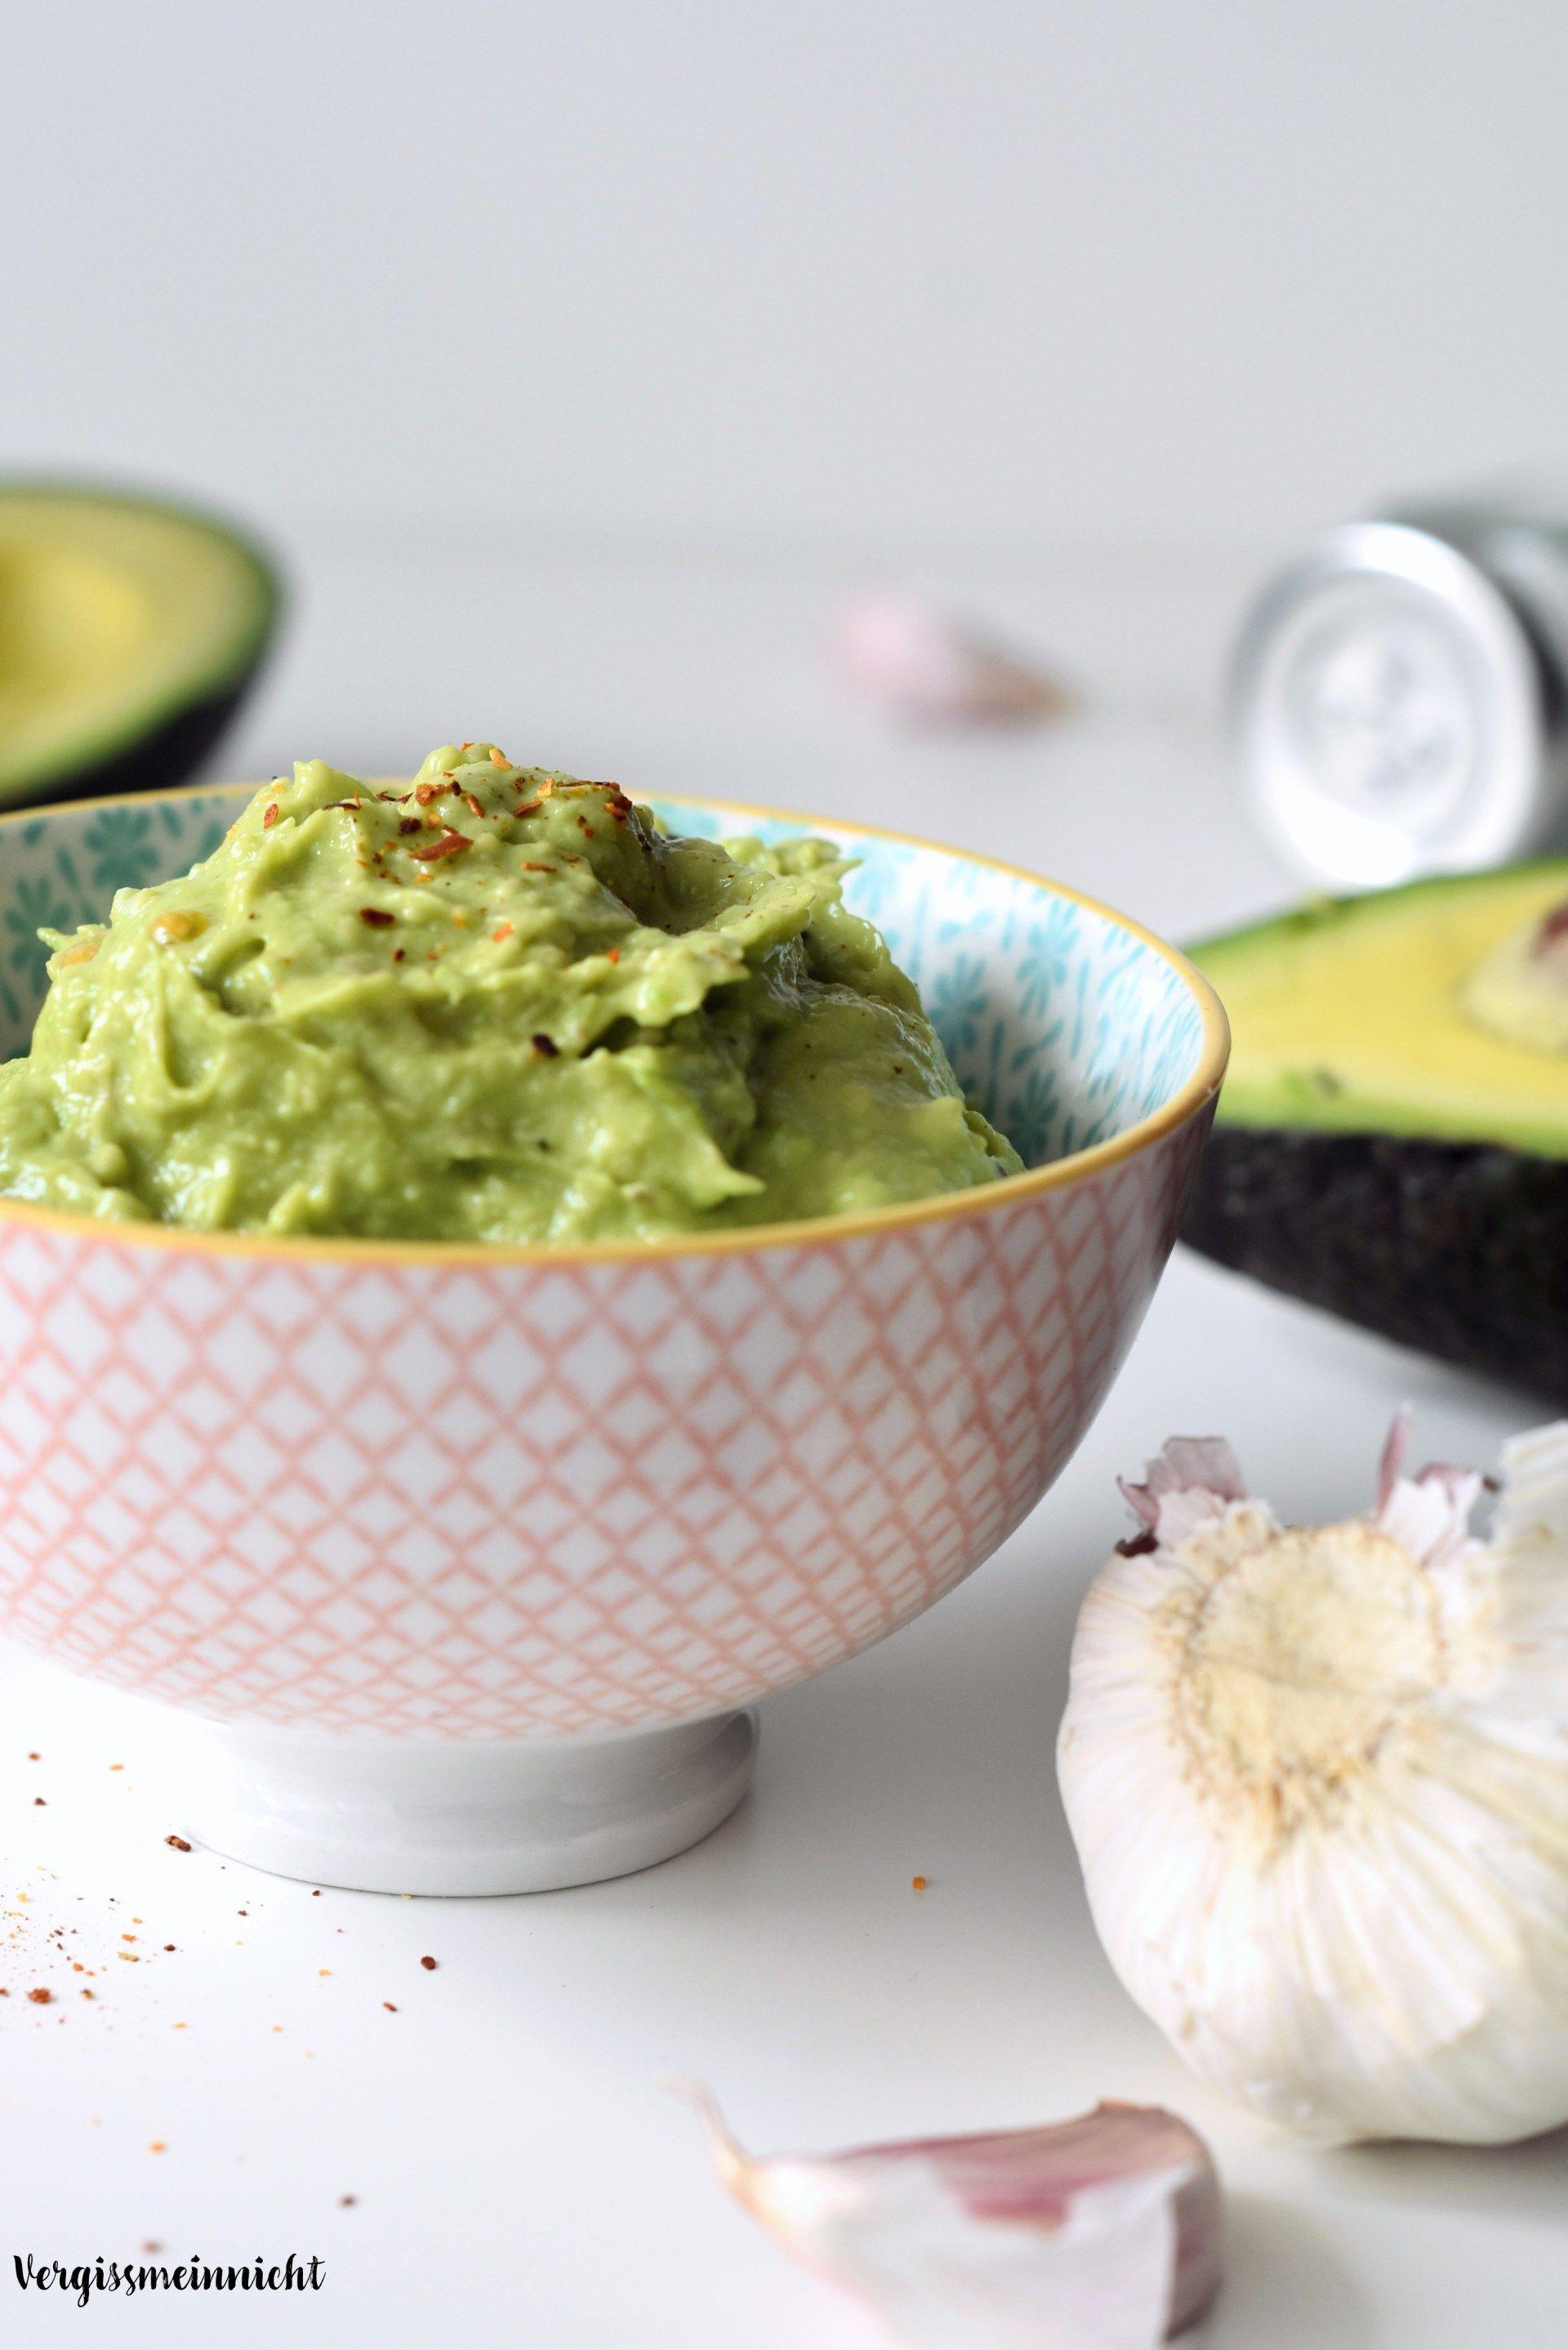 Ein einfaches und leckeres Rezept aus Avocado - Guacamole. Der perfekte Dipp für den Sommer oder zum Grillen.